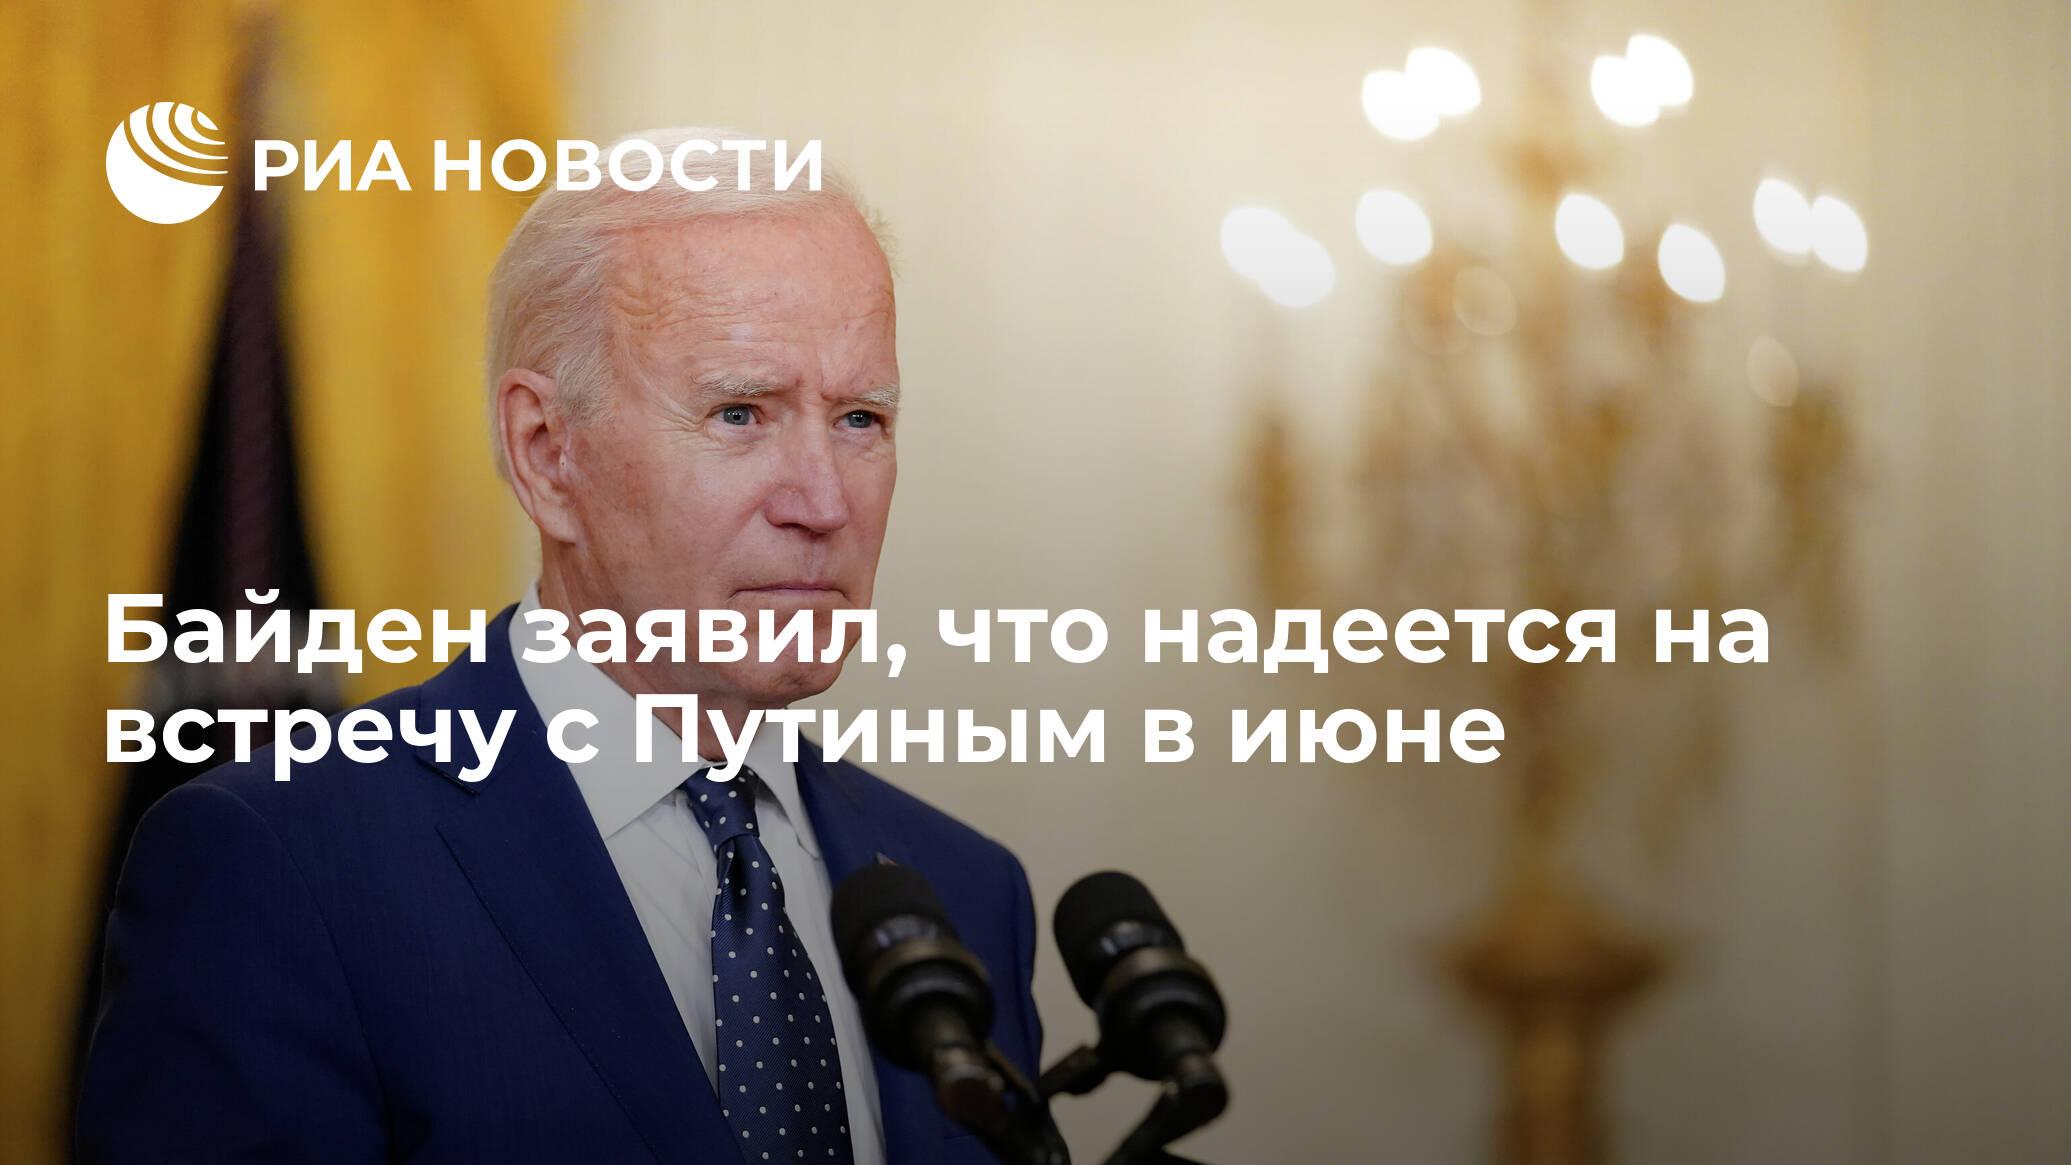 Байден заявил, что надеется на встречу с Путиным в июне